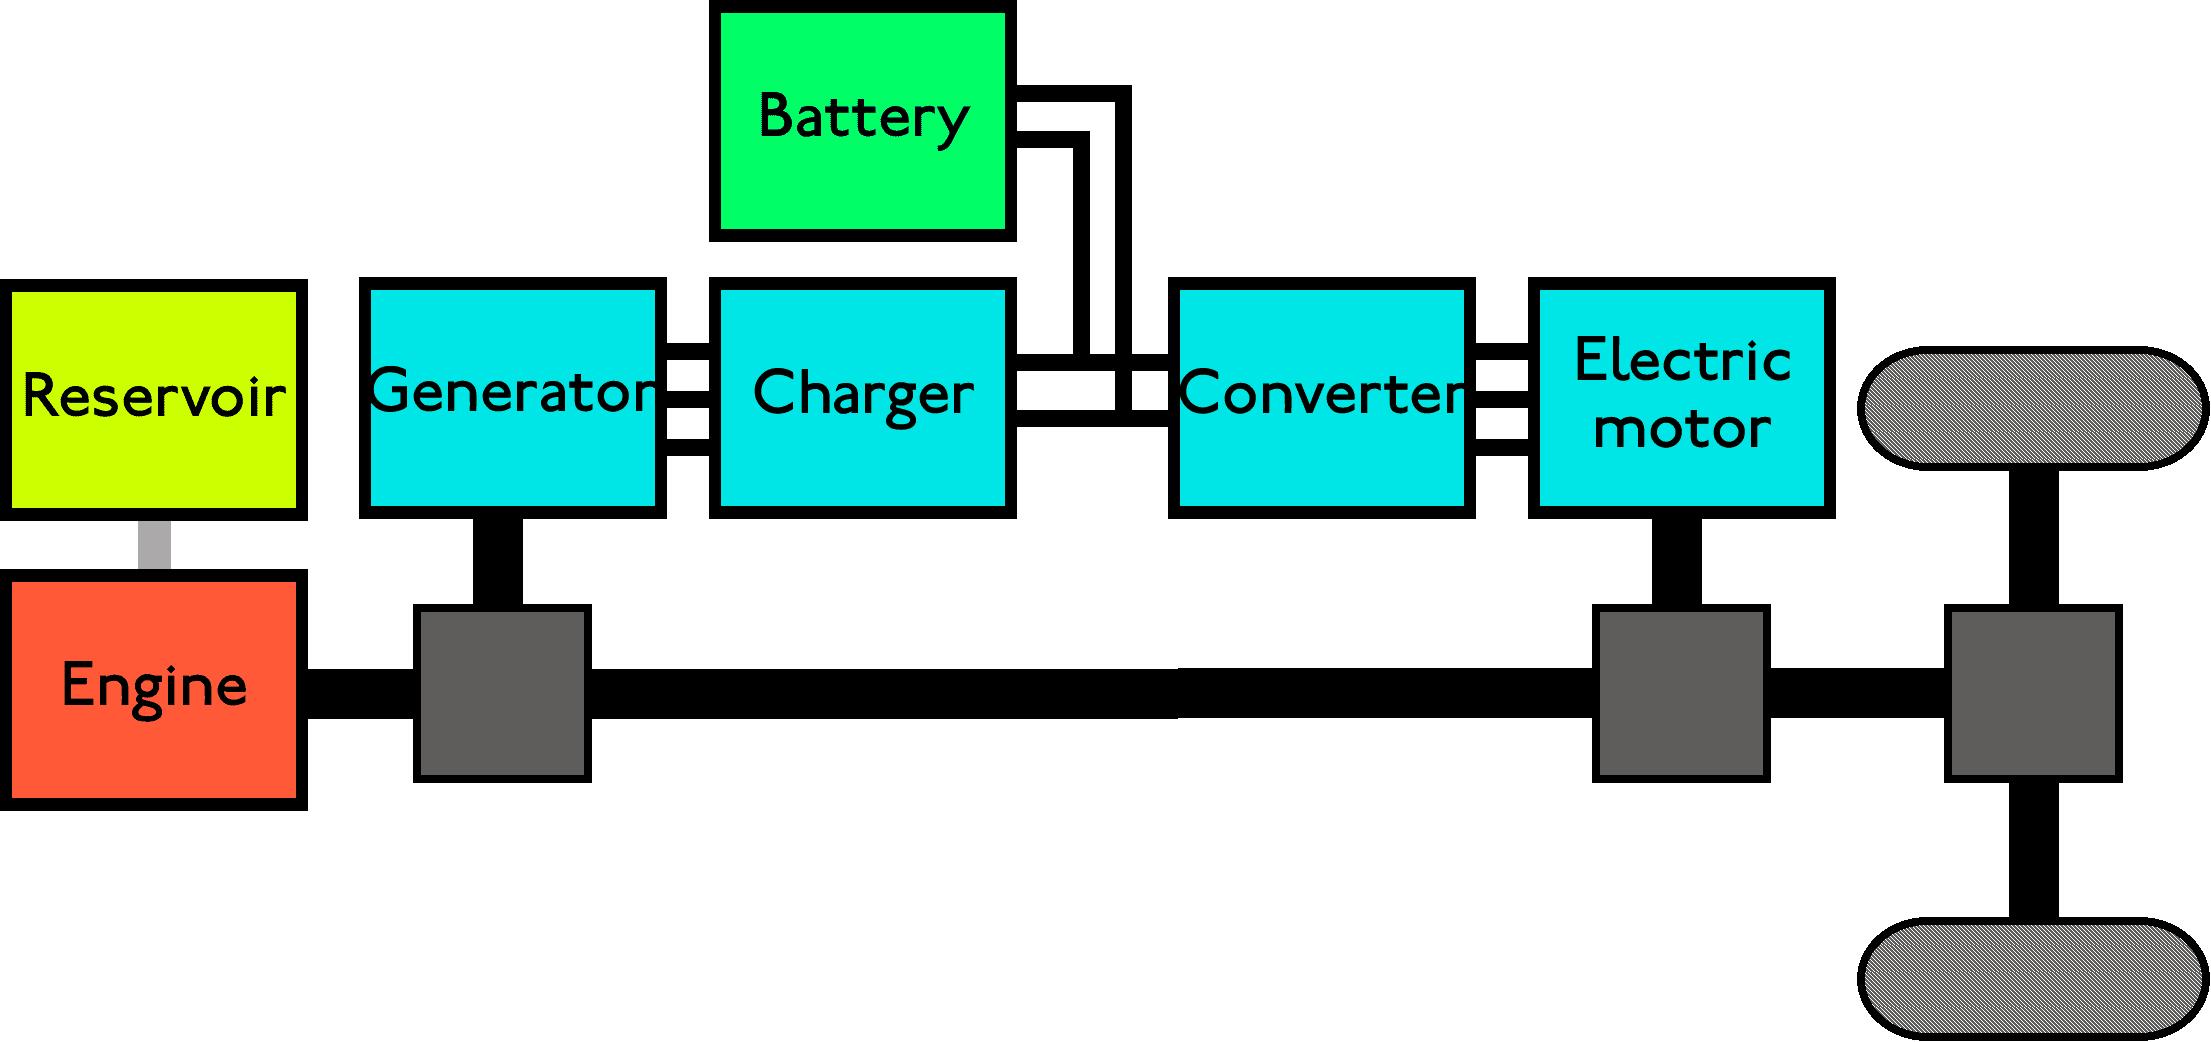 Hibrit aktarma organları için bir şematik. Not: motorlar ve jeneratörler, motor ile tekerlekler arasındaki tahrik miline bağlıdır. - Siberdefter